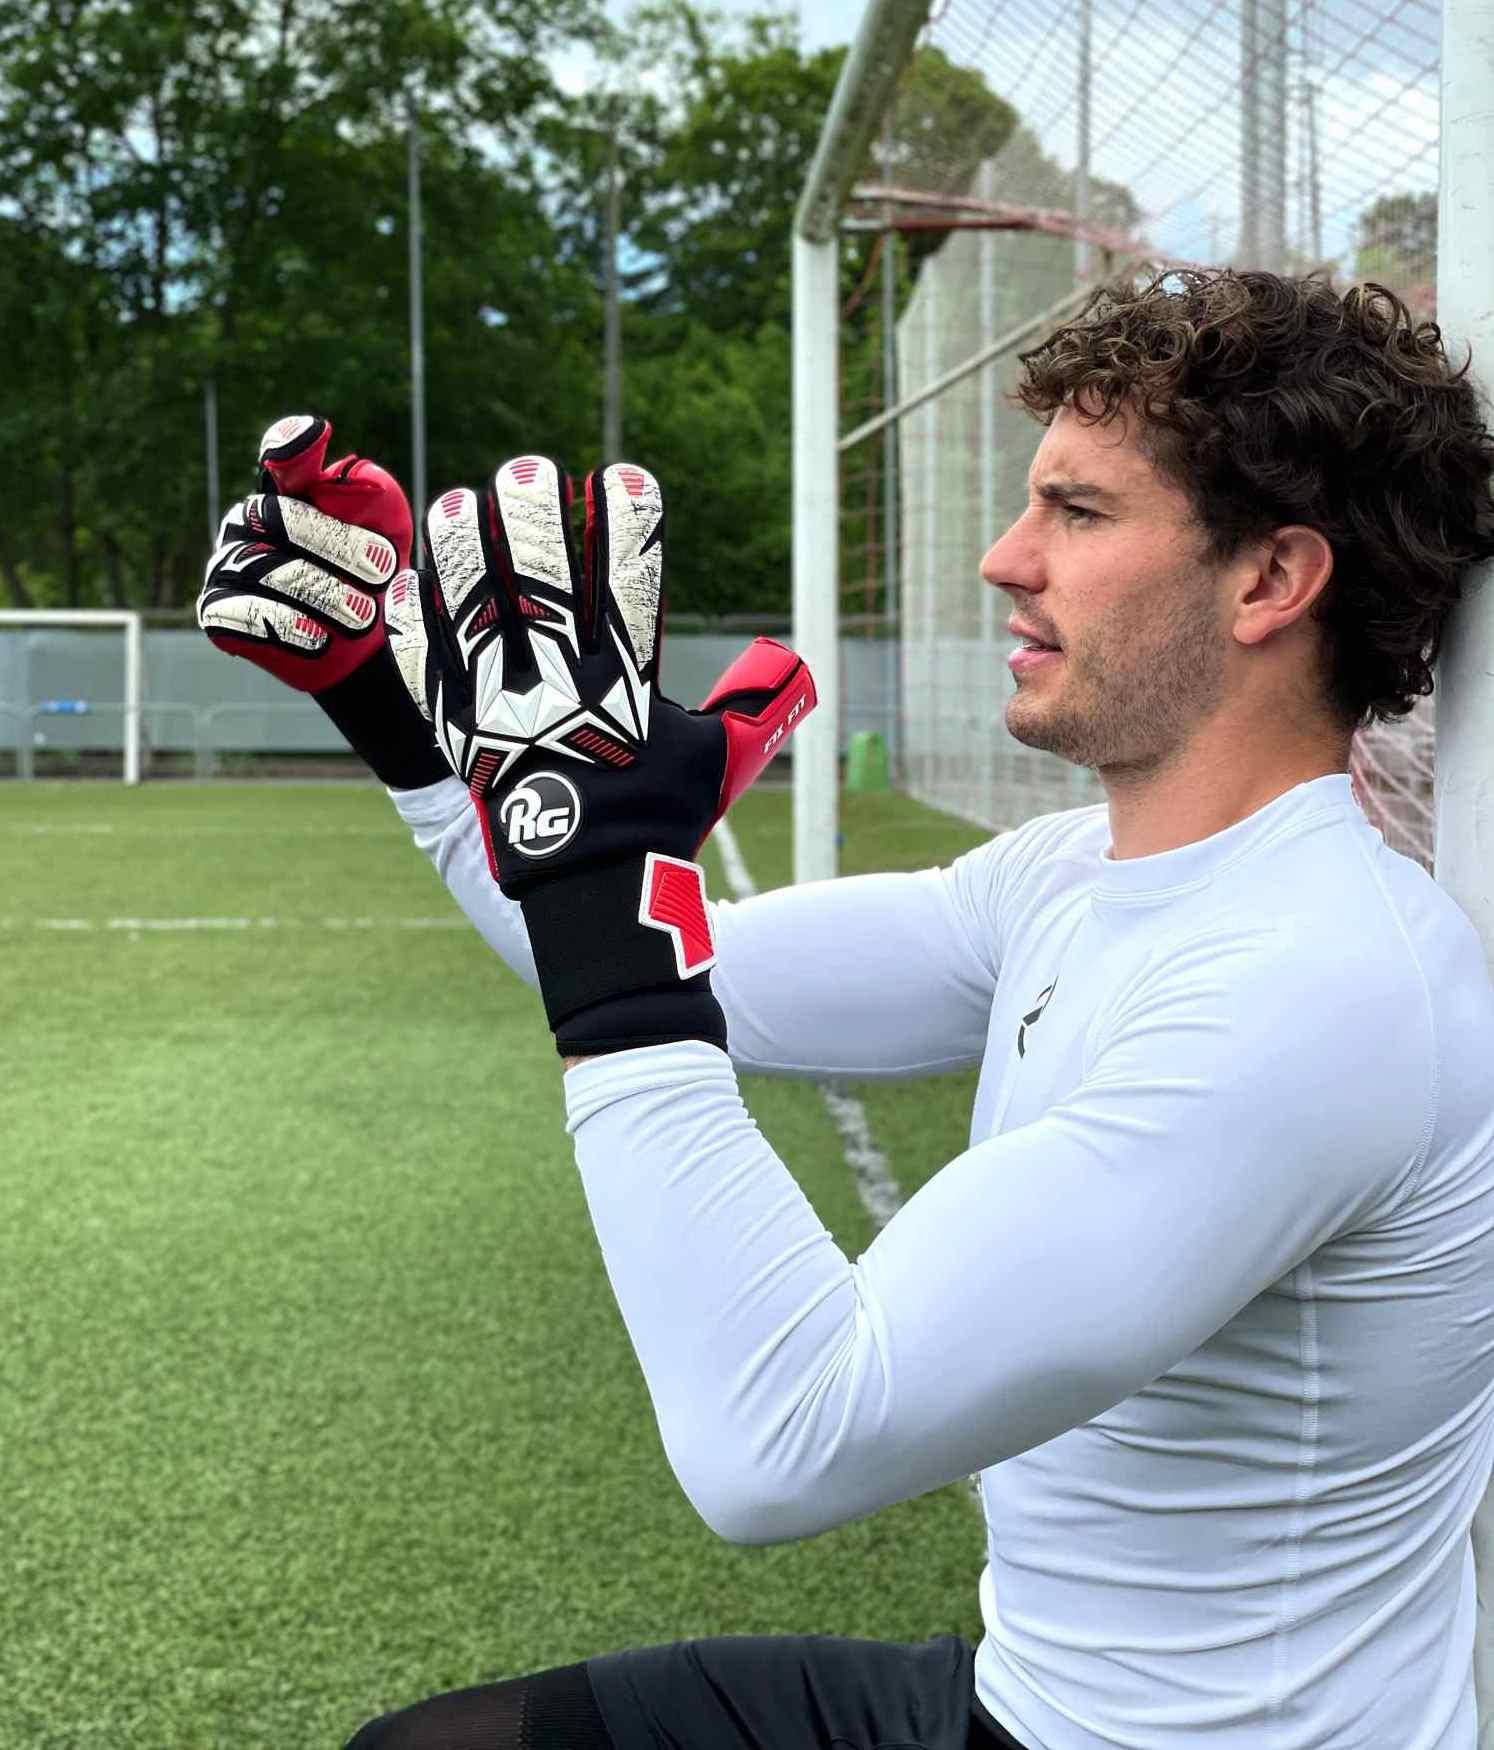 gant de gardien de but RG Tuanis 2021 2022